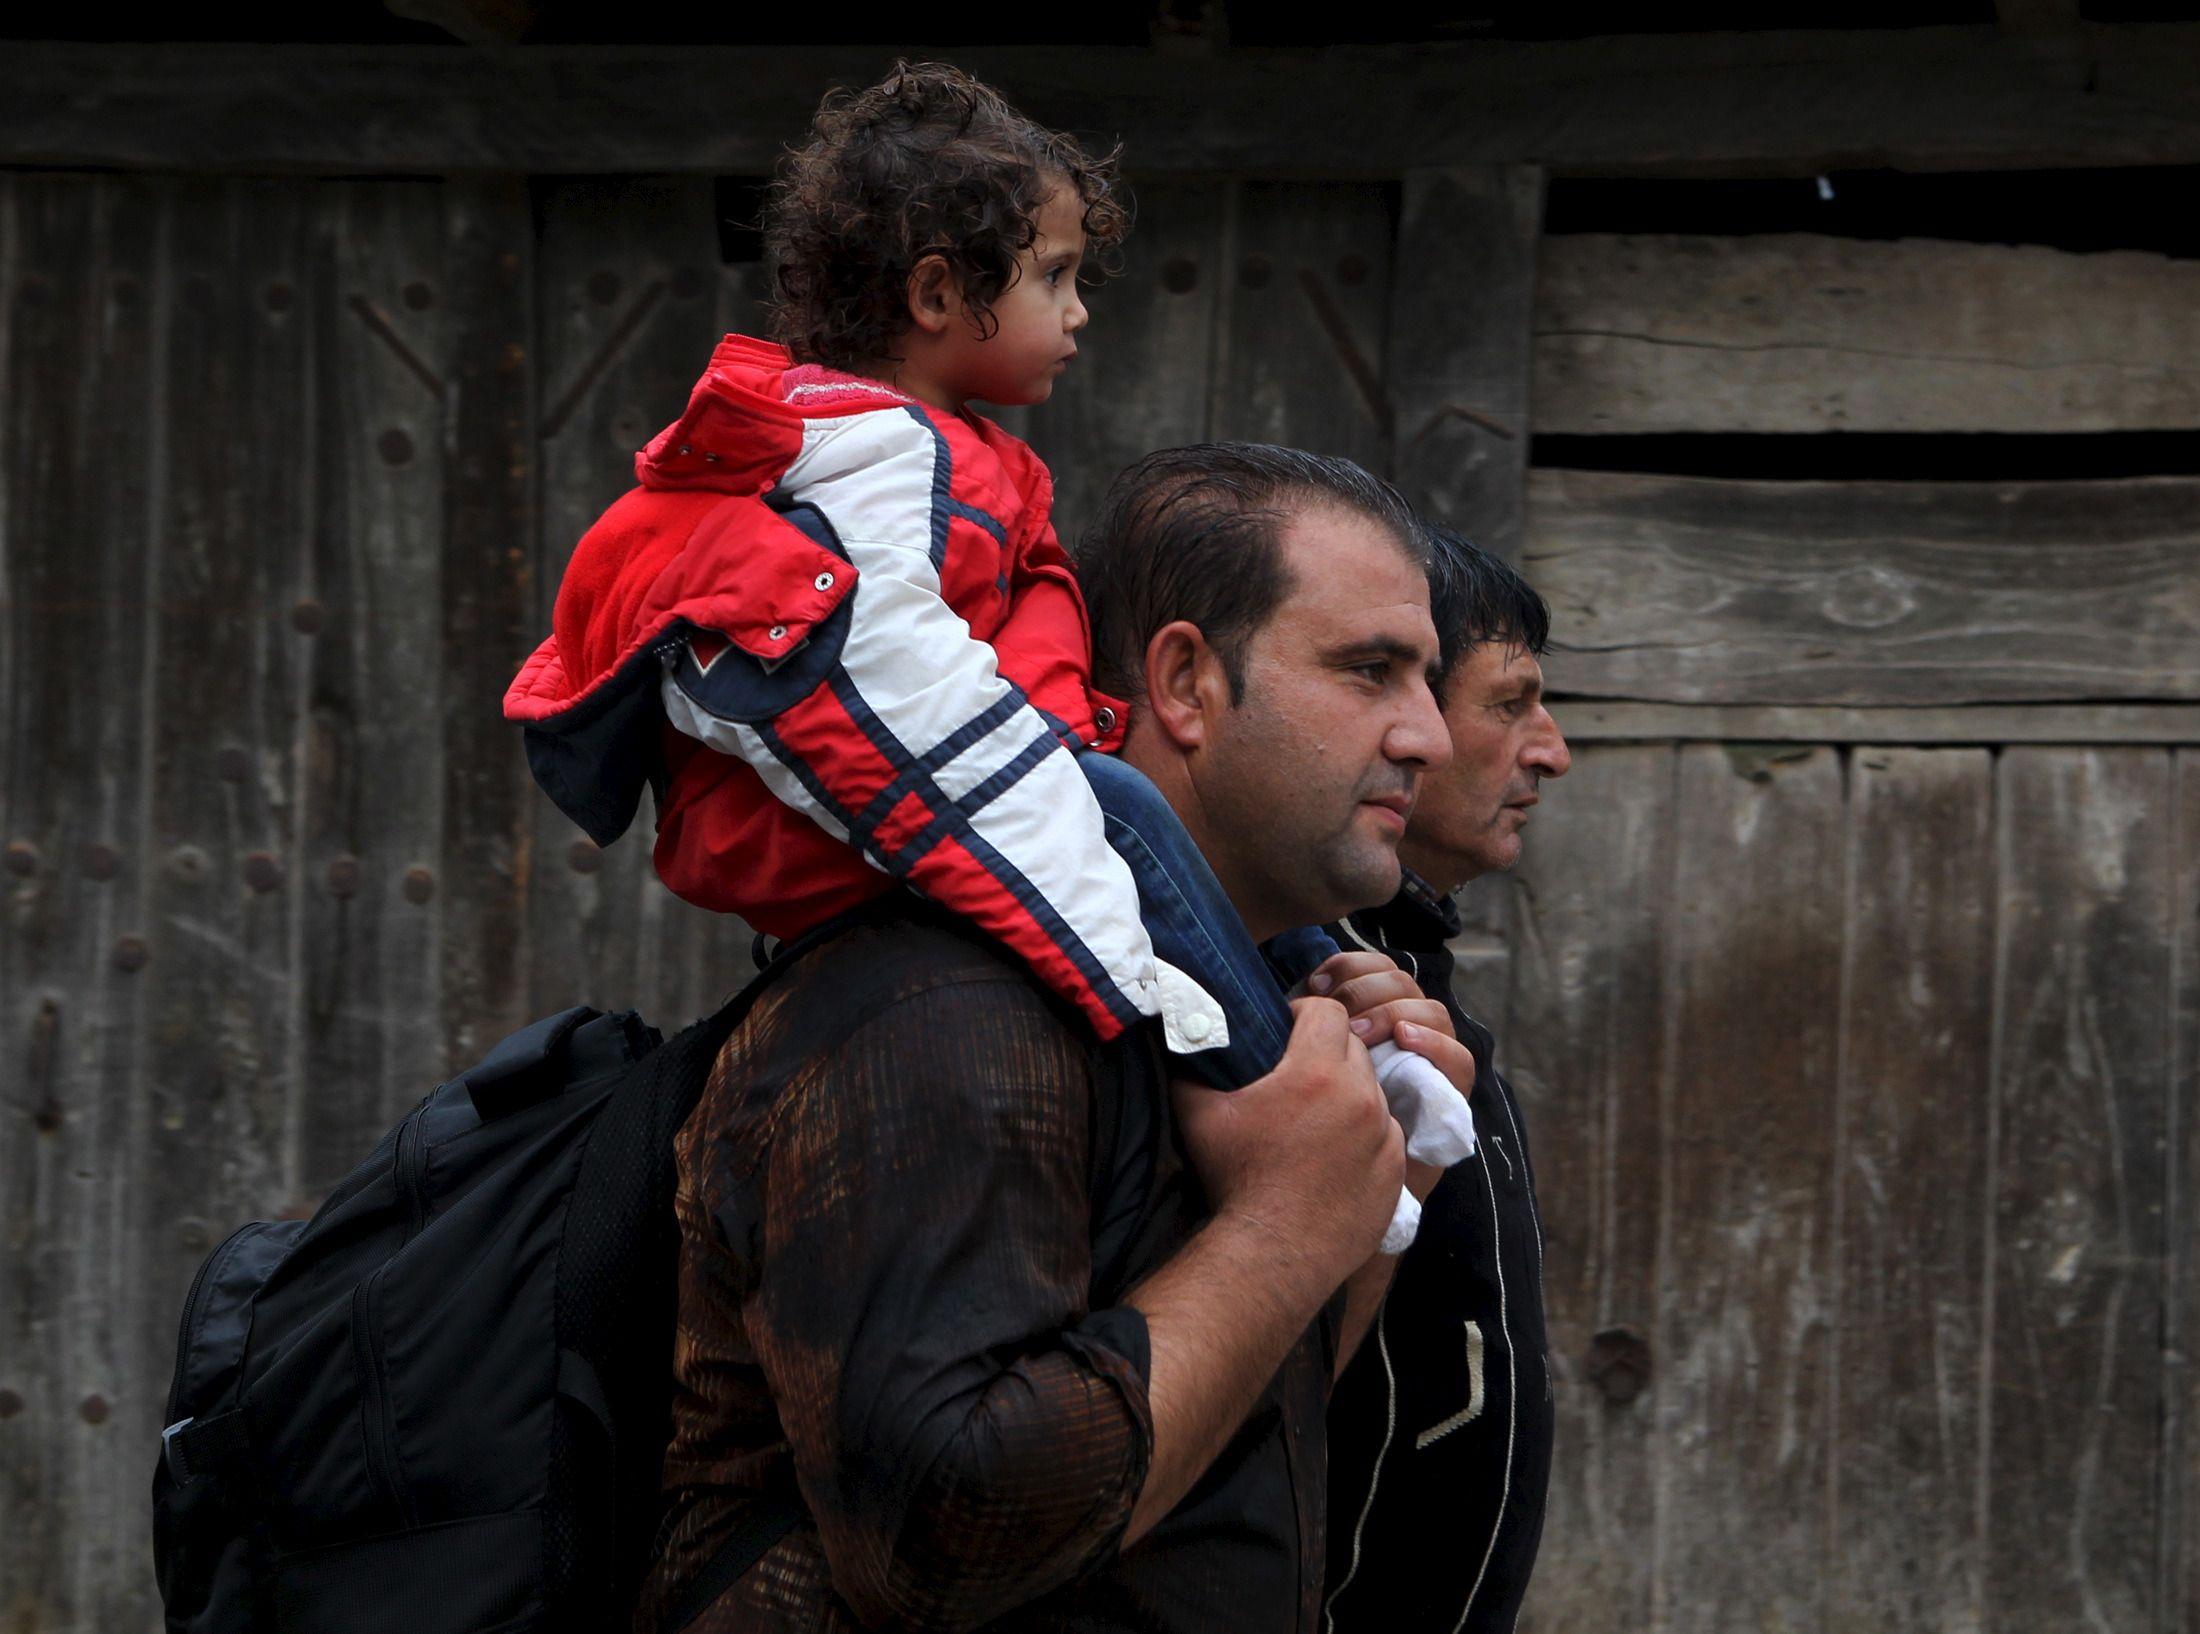 La Turquie a une attitude ambigue vis-à-vis de la crise des migrants.